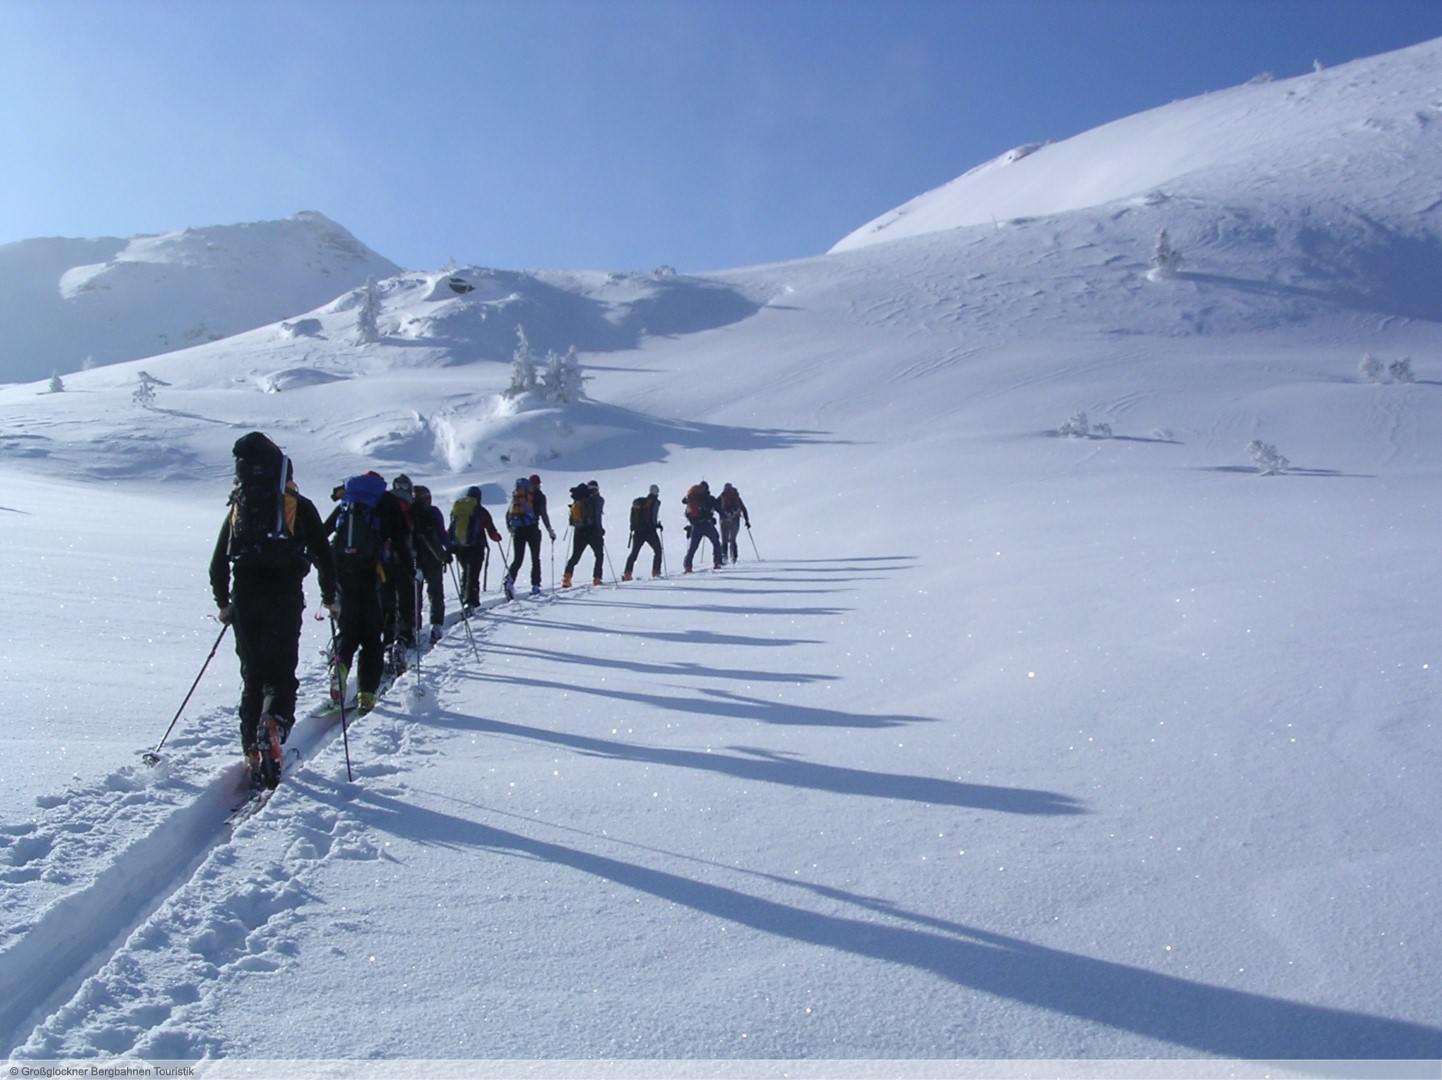 après-ski in Winklern